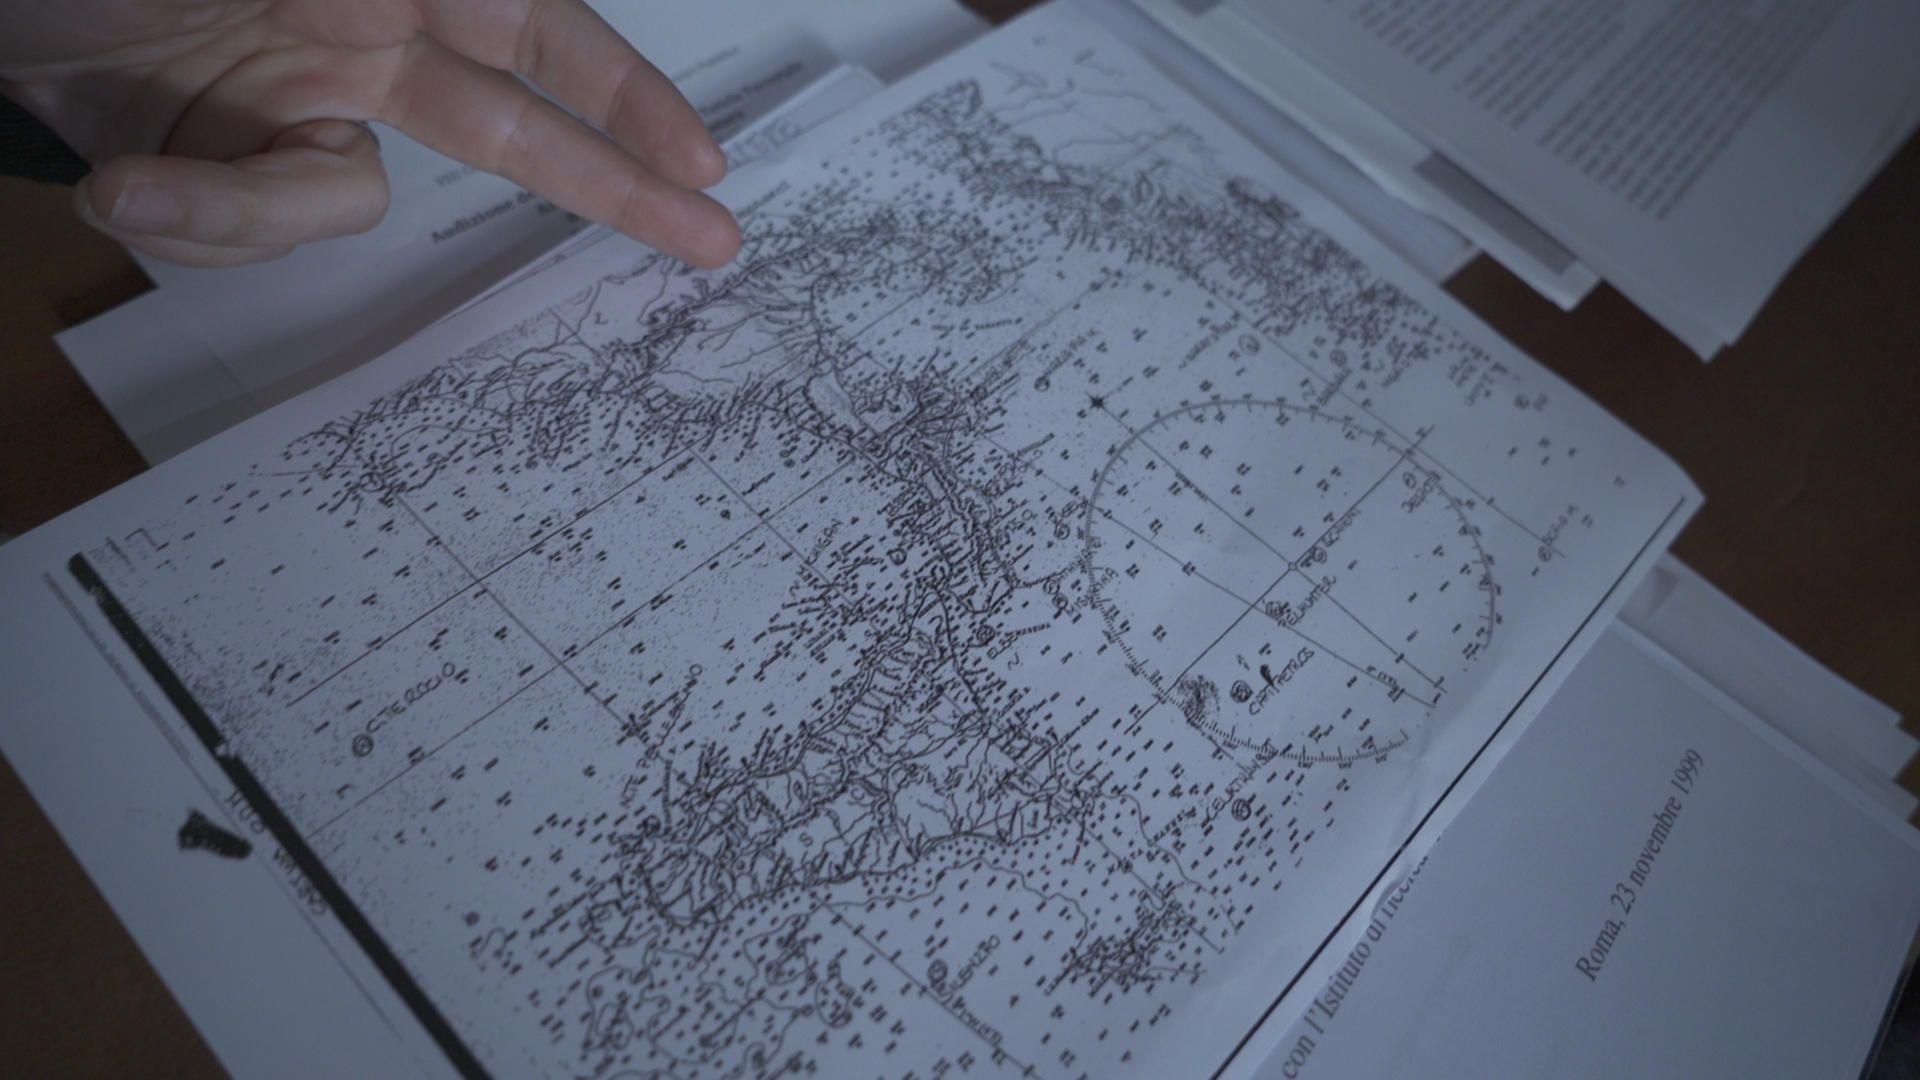 Εδώ και δεκαετίες, περιβαλλοντικές οργανώσεις, δημοσιογράφοι αλλά και οι Αρχές προσπαθούν να ξετυλίξουν το κουβάρι της σκοτεινής υπόθεσης διακίνησης αποβλήτων στη Μεσόγειο, καταρτίζοντας λίστες και χάρτες για το πού και ποια πλοία μπορεί να είχαν βυθιστεί με αυτά.